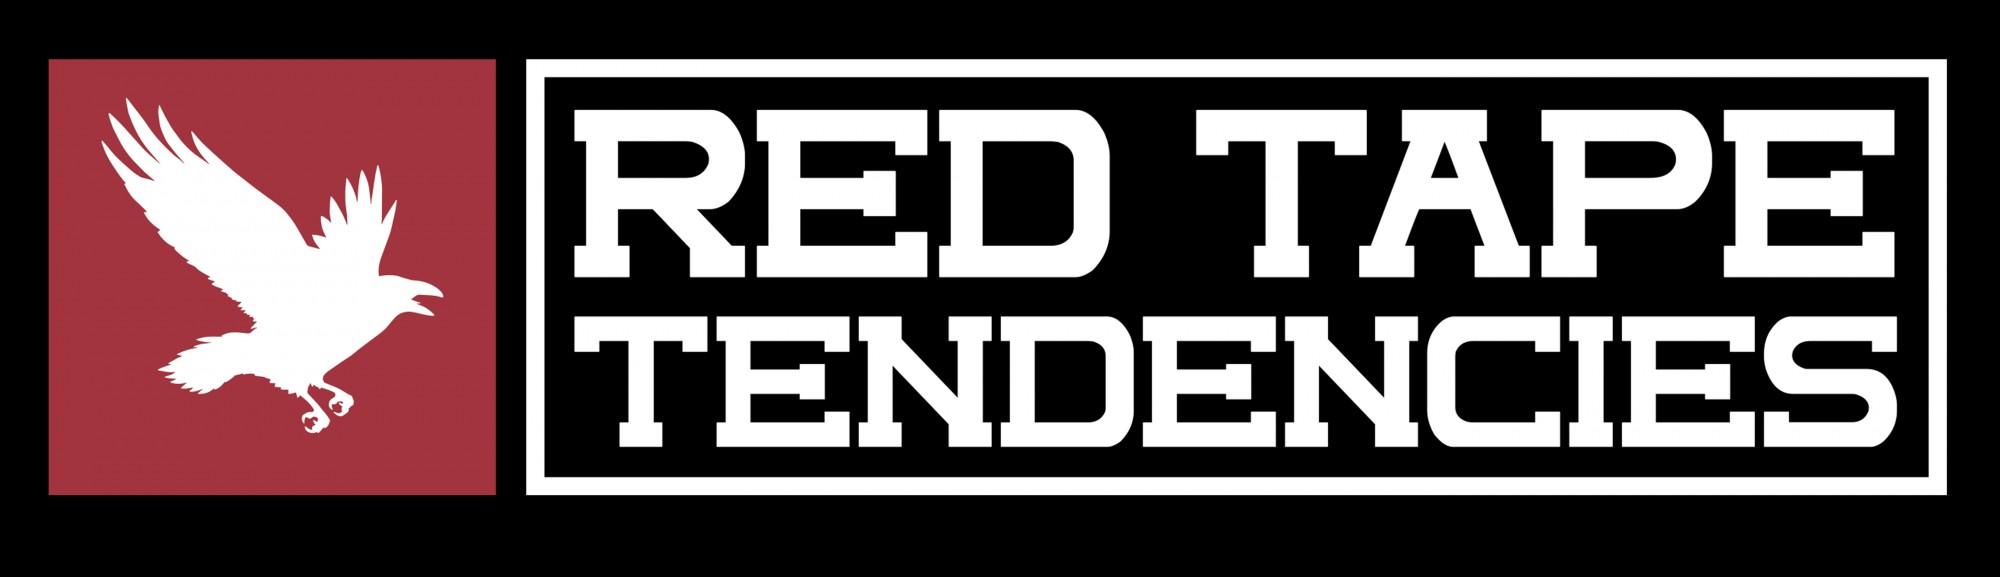 Red Tape Tendencies